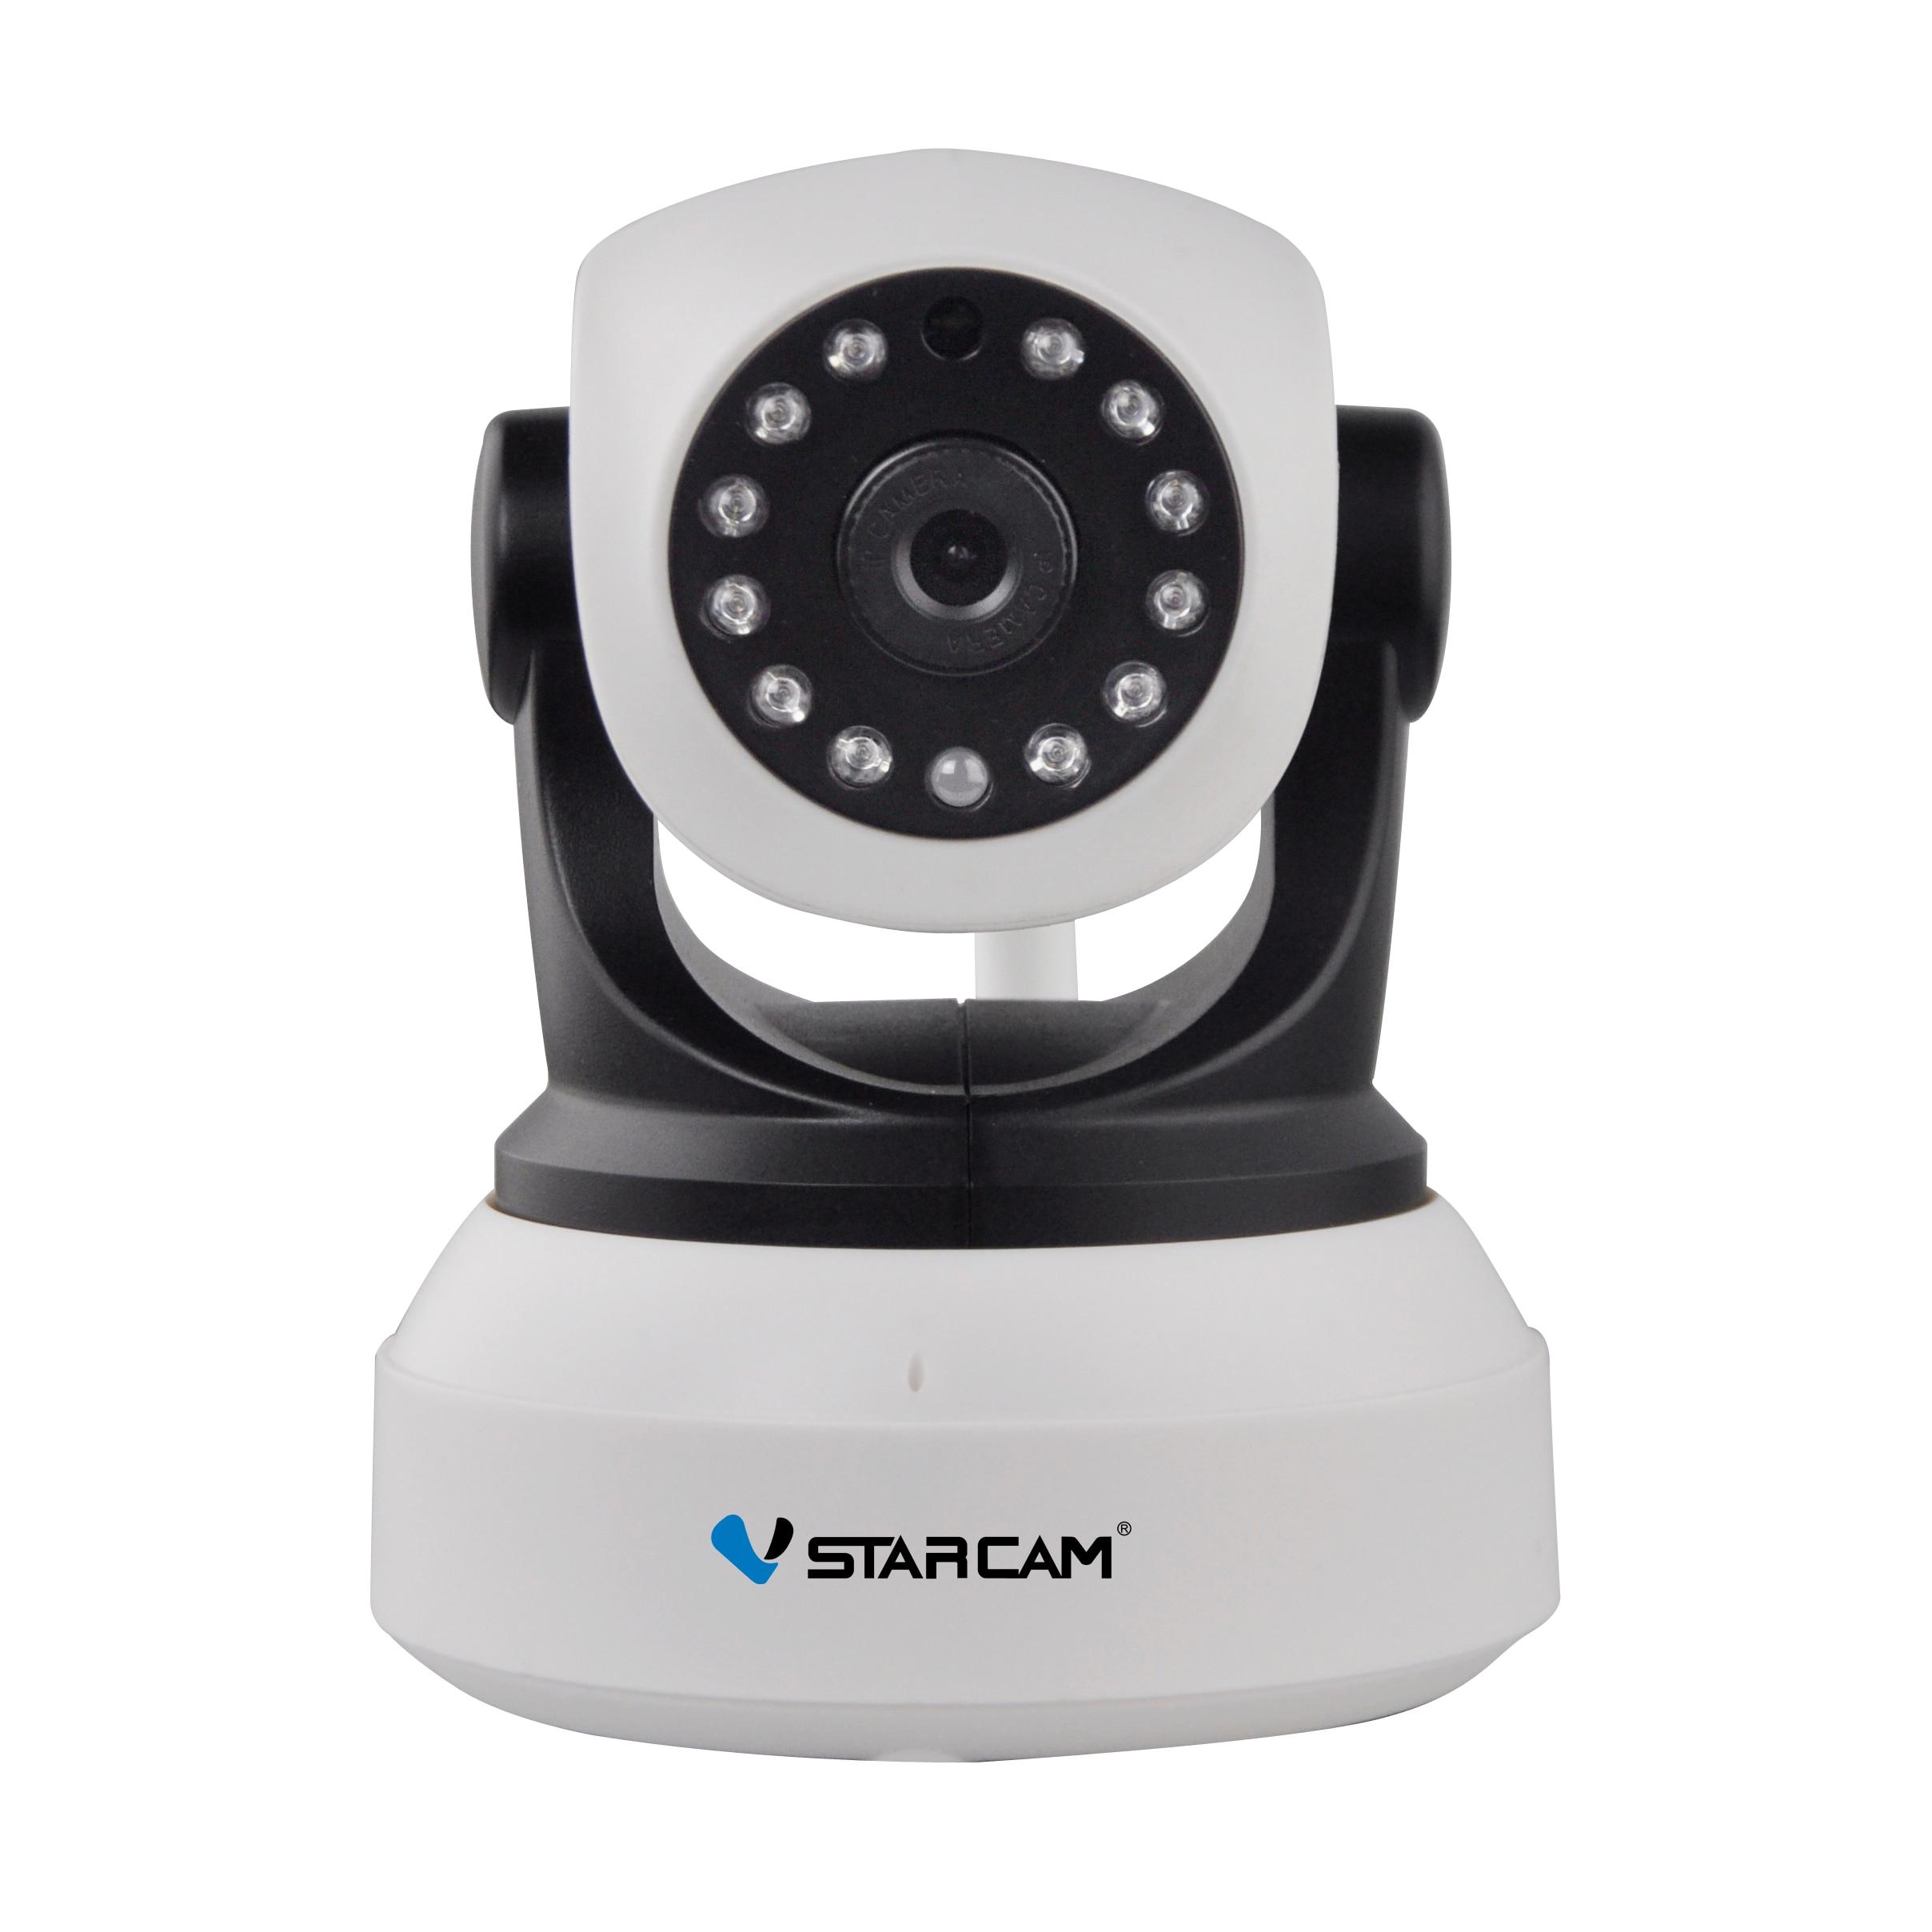 bilder für Vstarcam c7824 drahtlose ip-kamera ir-schnitt-nachtsicht 720 p home security hd kamera wifi audio recording cctv onvif indoor